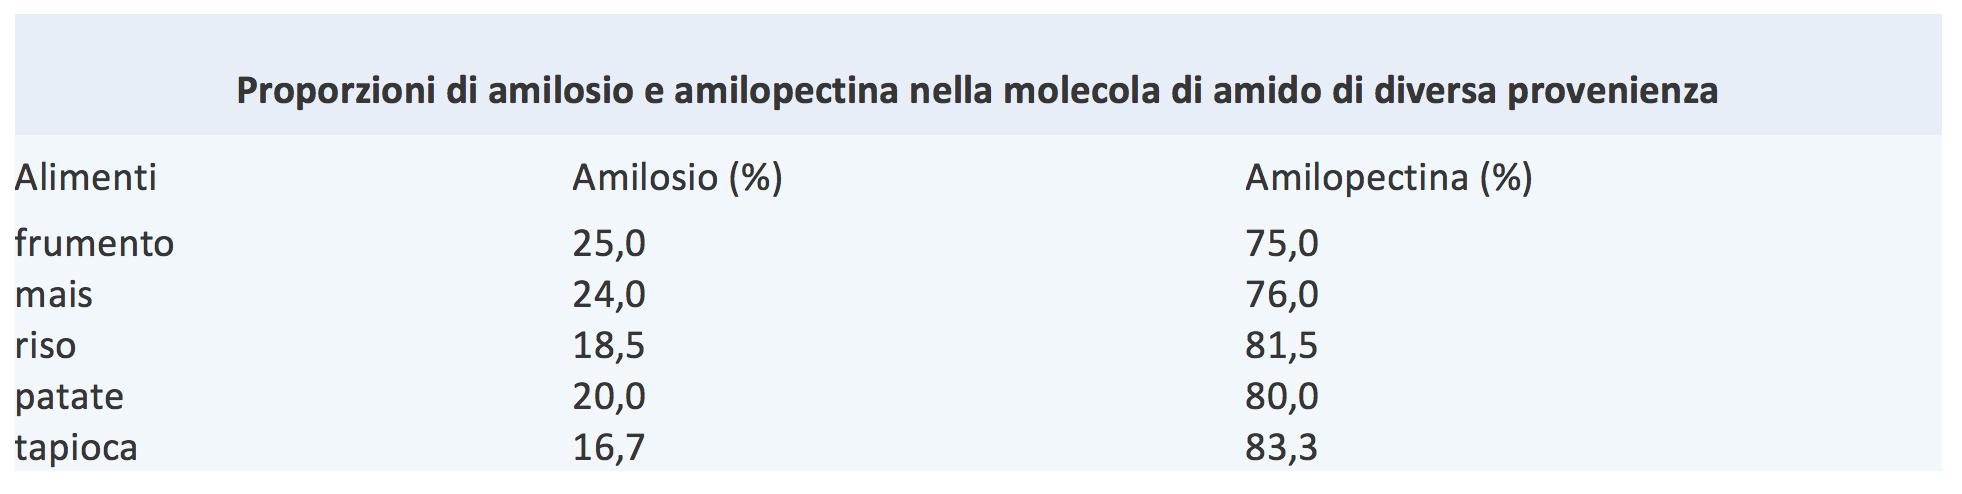 Proporzioni di amilosio e amilopectina nella molecola di amido di diversa provenienza.png